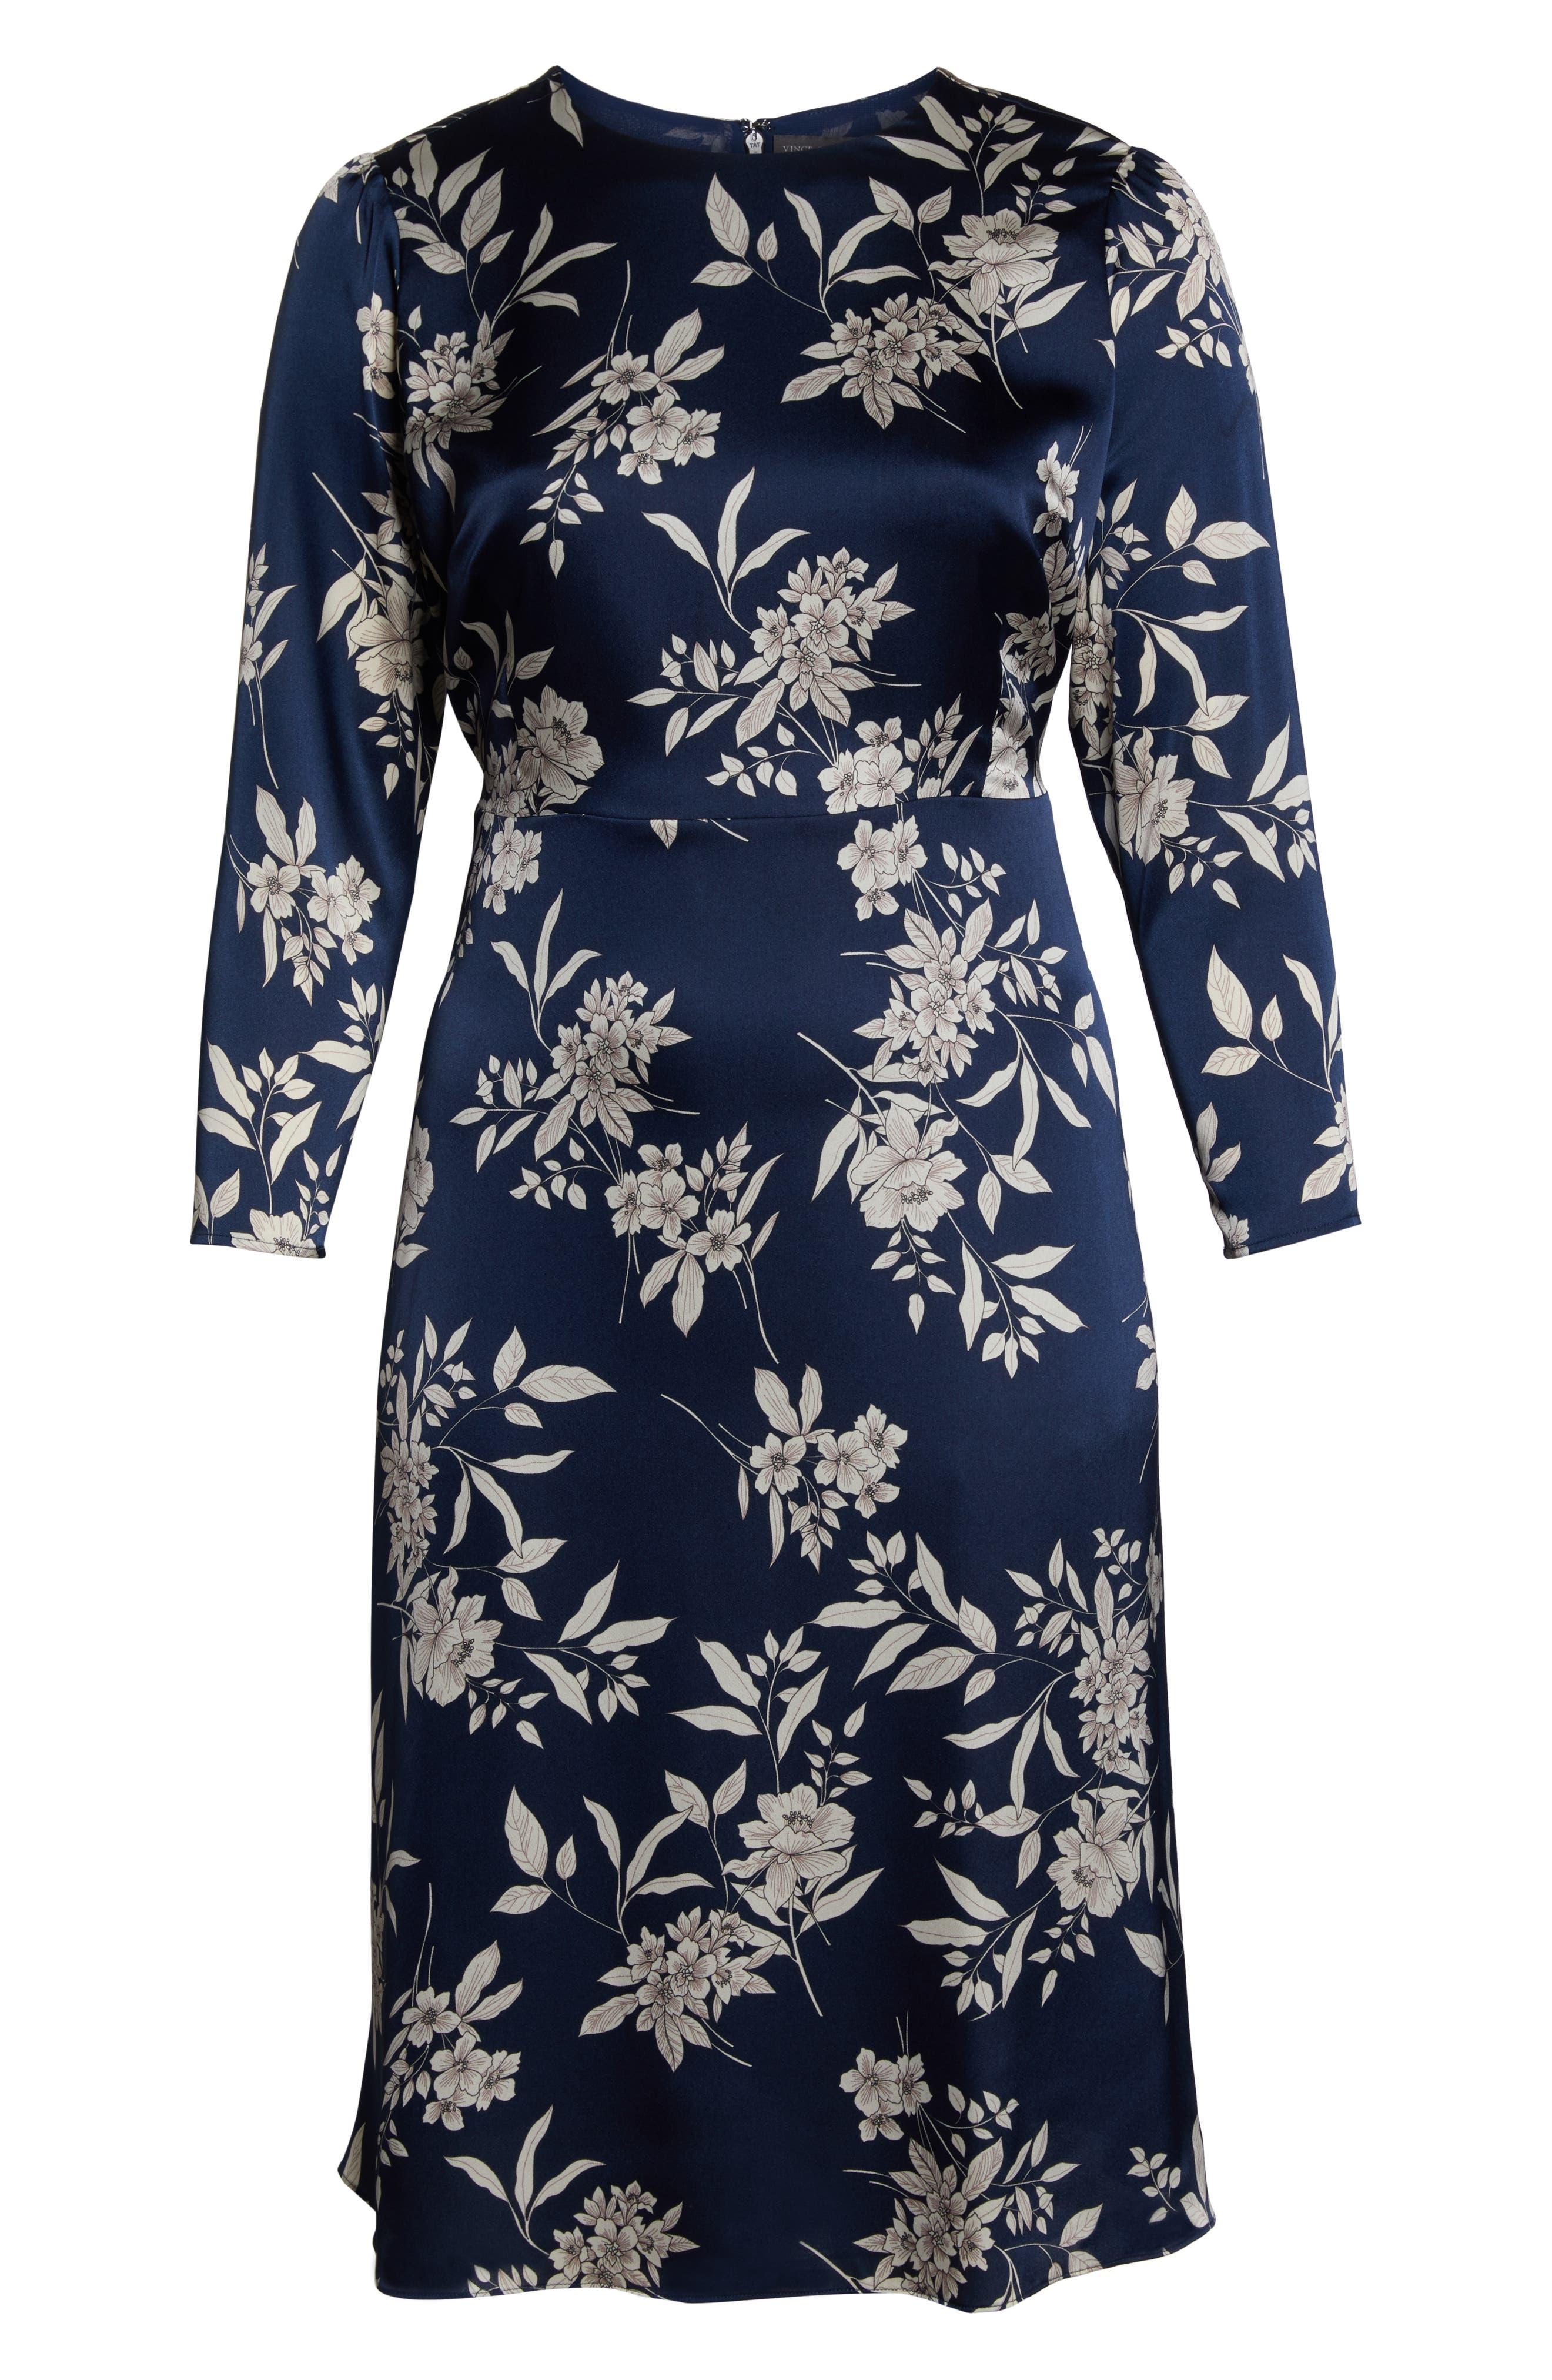 VINCE CAMUTO, Etched Bouquet Midi Dress, Alternate thumbnail 7, color, 400